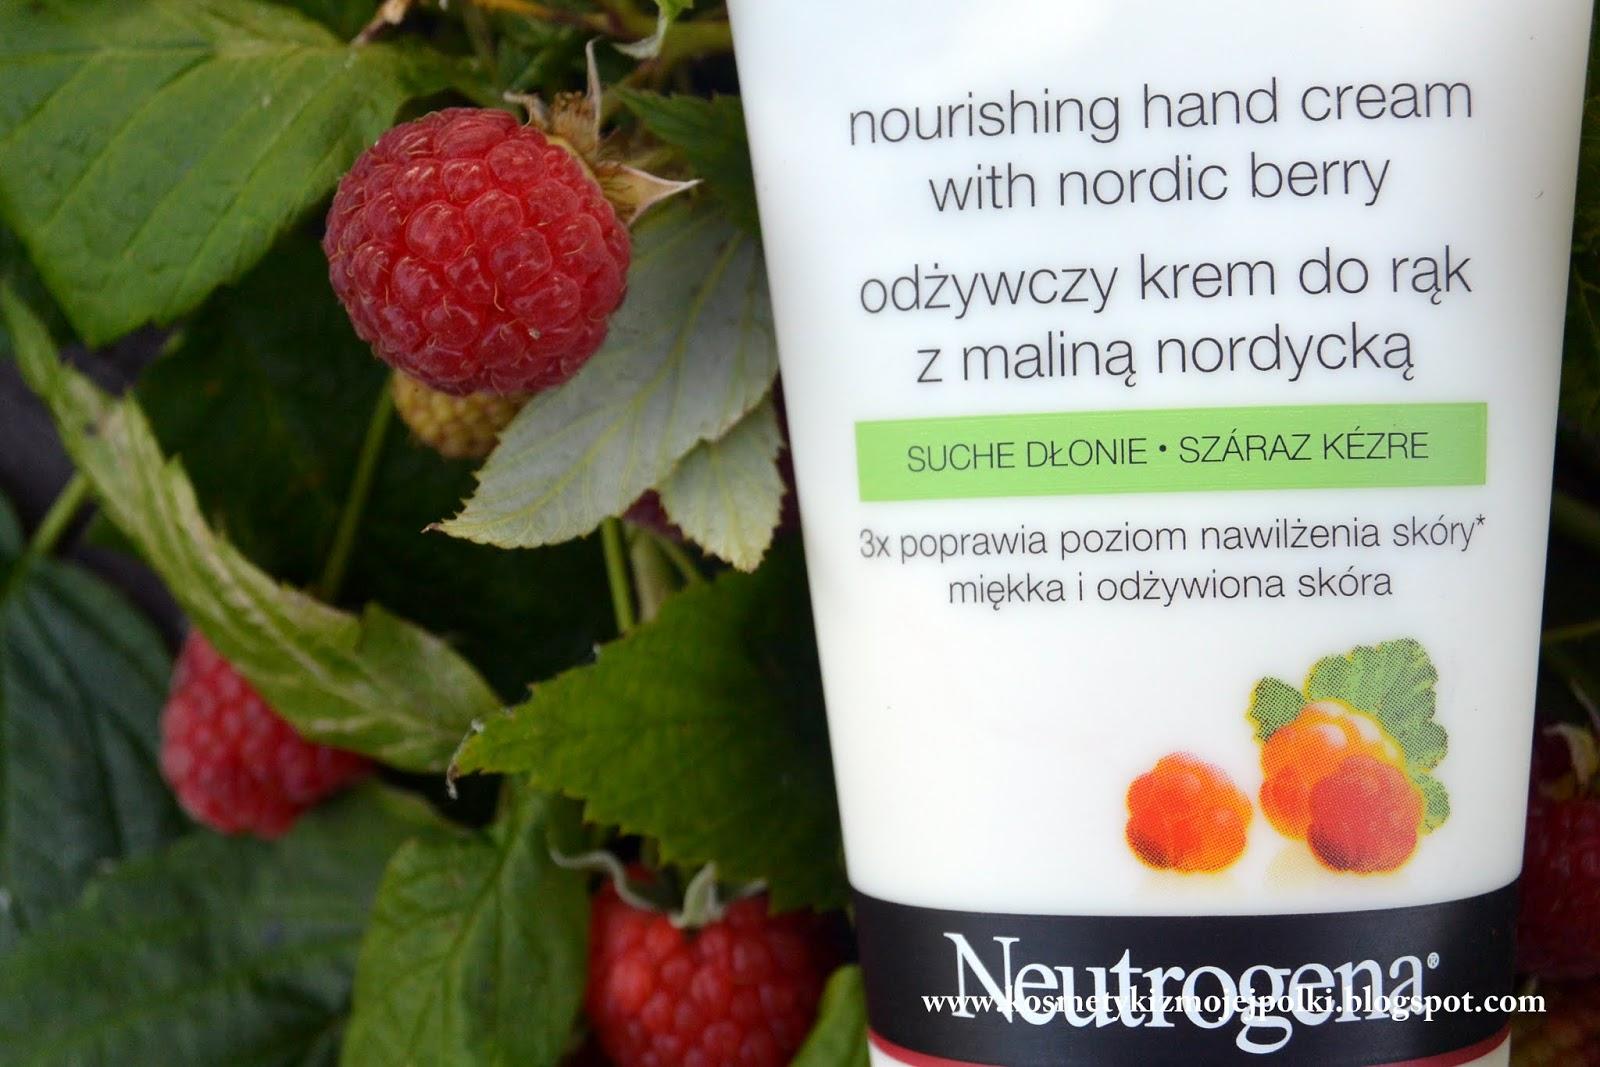 W pogoni za maliną nordycką - krem do rąk Neutrogena